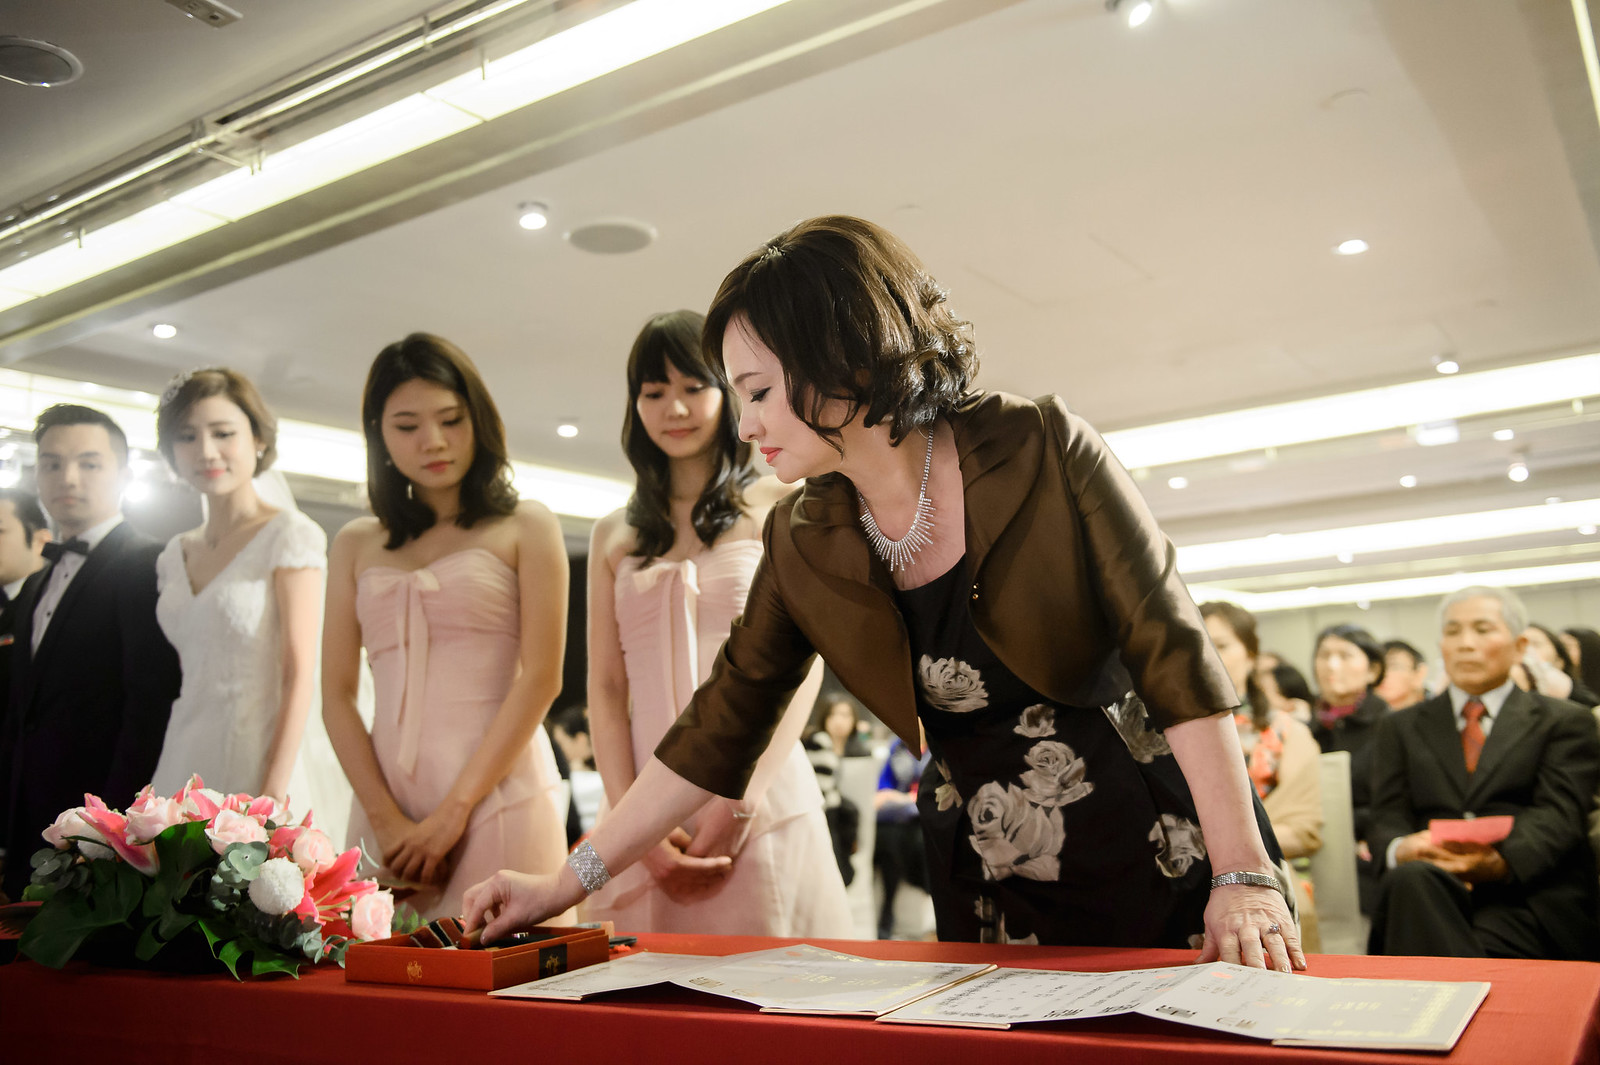 台北婚攝, 婚禮攝影, 婚攝, 婚攝守恆, 婚攝推薦, 晶華酒店, 晶華酒店婚宴, 晶華酒店婚攝-48